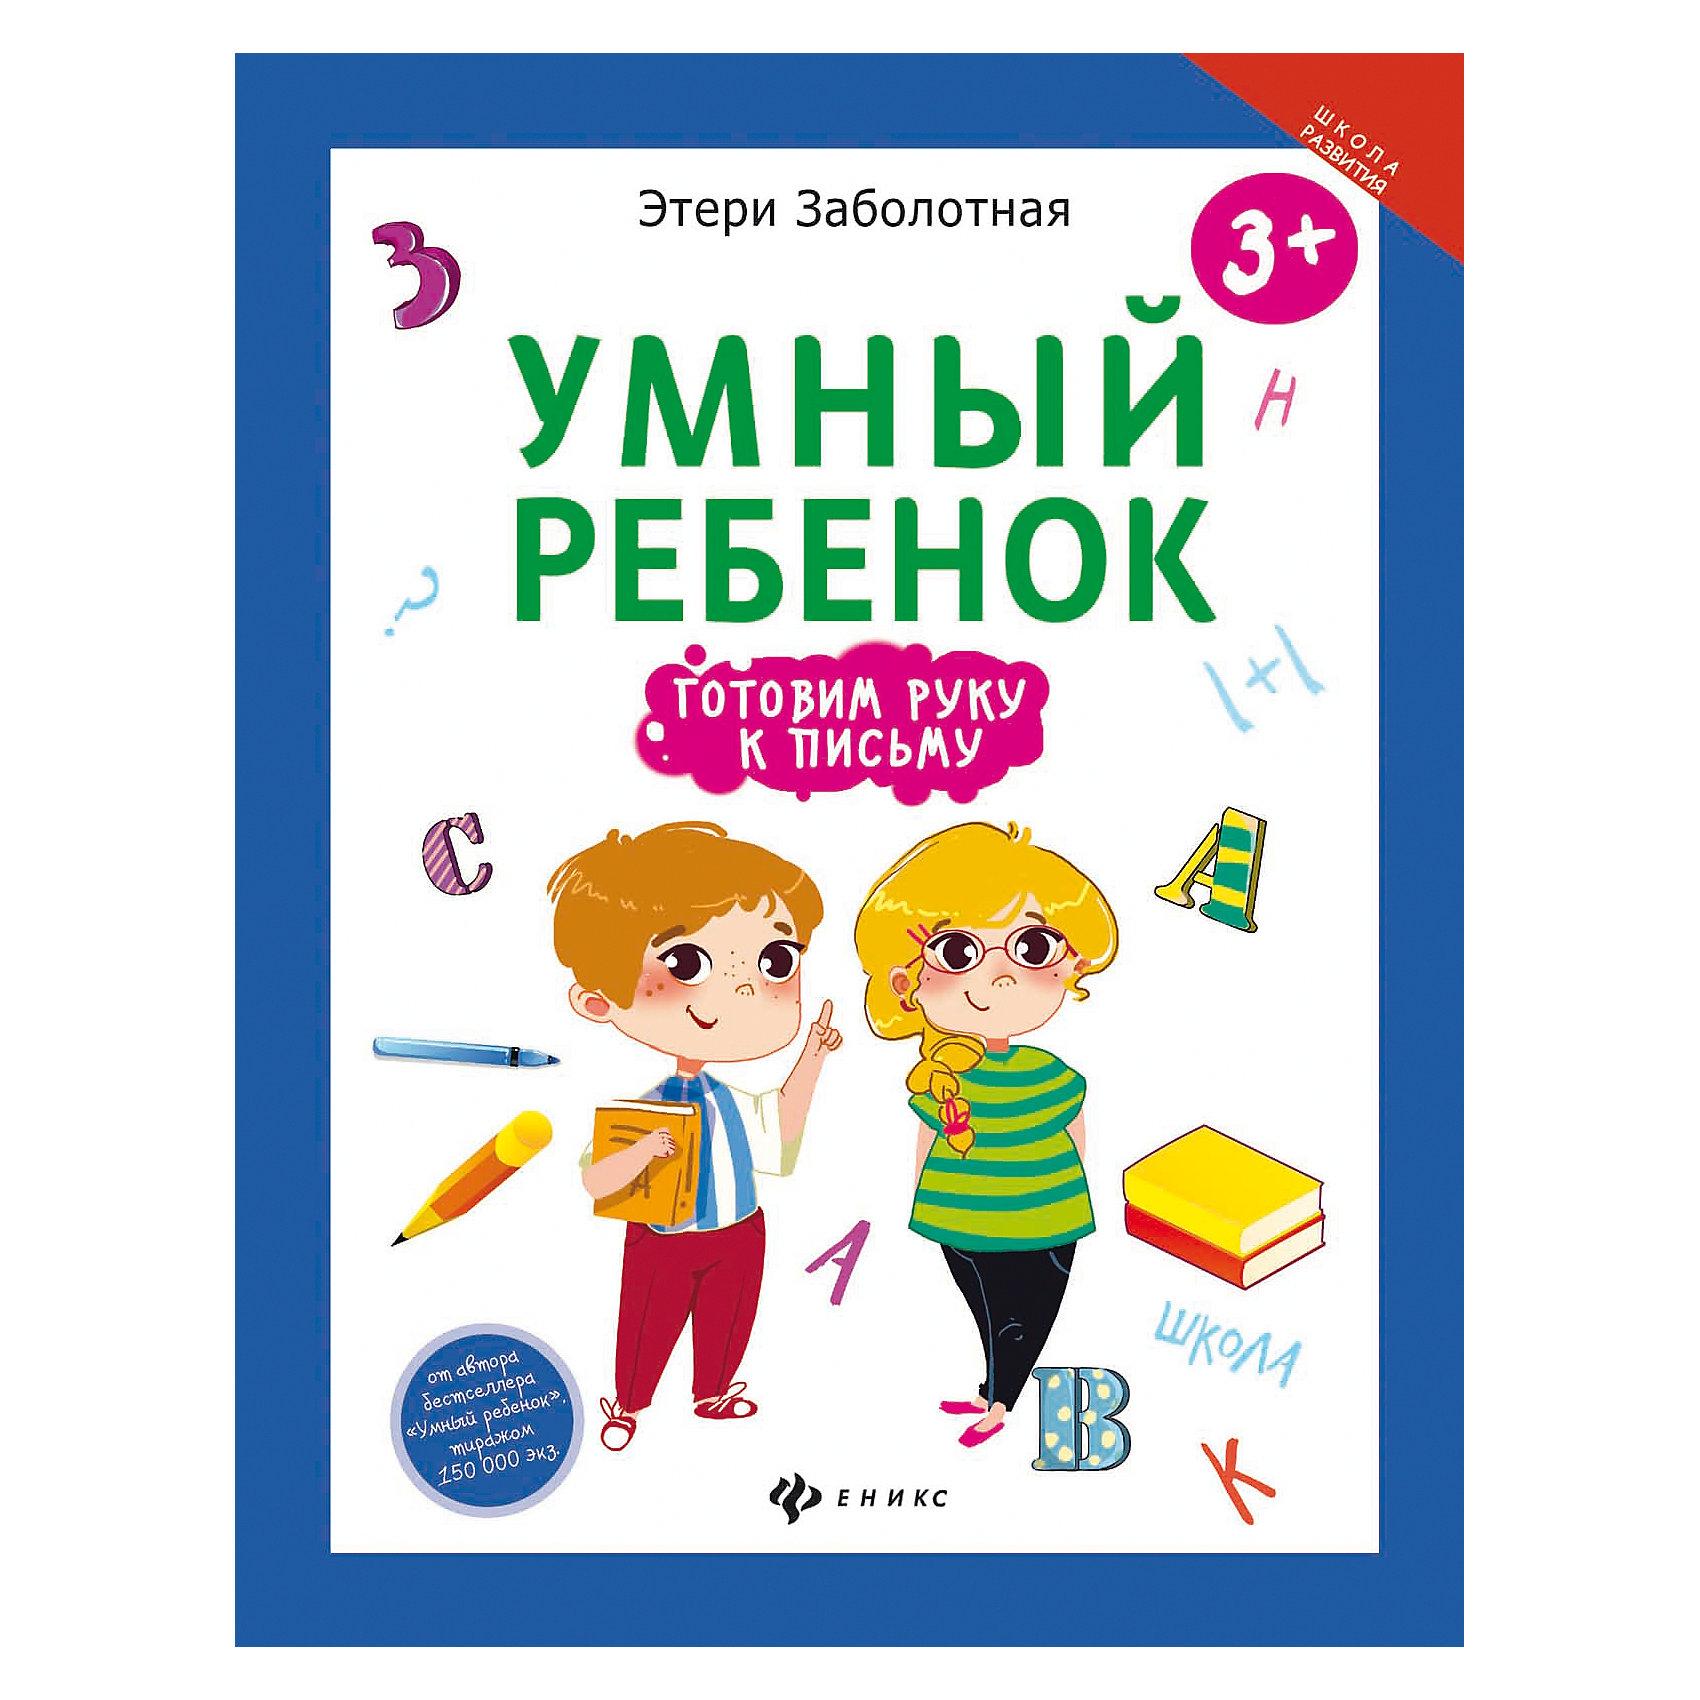 Умный ребенок: готовим руку к письмуПрописи<br>Книга Умный ребенок: готовим руку к письму<br><br>Характеристики:<br><br>• количество страниц: 16<br>• иллюстрации: цветные<br>• тип обложки: мягкая<br>• ISBN: 978-5-222-27926-7<br>• автор: Заболотная Этери<br>• издательство: Феникс<br>• размер: 20х26 см<br>• материал: бумага<br><br>Книга Умный ребенок: готовим руку к письму поможет вам подготовить ребенка к школе, закрепив имеющиеся знания. В книге собраны различные упражнения и рассказы, дополненные красивыми иллюстрациями. Занятия помогут развить мышление, моторику рук, память, внимание и речь.  Кроме того, ребенок сможет научиться писать, рисовать красиво и аккуратно. Книга подходит для индивидуальных занятий.<br><br>Книгу Умный ребенок: готовим руку к письму вы можете купить в нашем интернет-магазине.<br><br>Ширина мм: 200<br>Глубина мм: 201<br>Высота мм: 260<br>Вес г: 520<br>Возраст от месяцев: 36<br>Возраст до месяцев: 2147483647<br>Пол: Унисекс<br>Возраст: Детский<br>SKU: 5518158